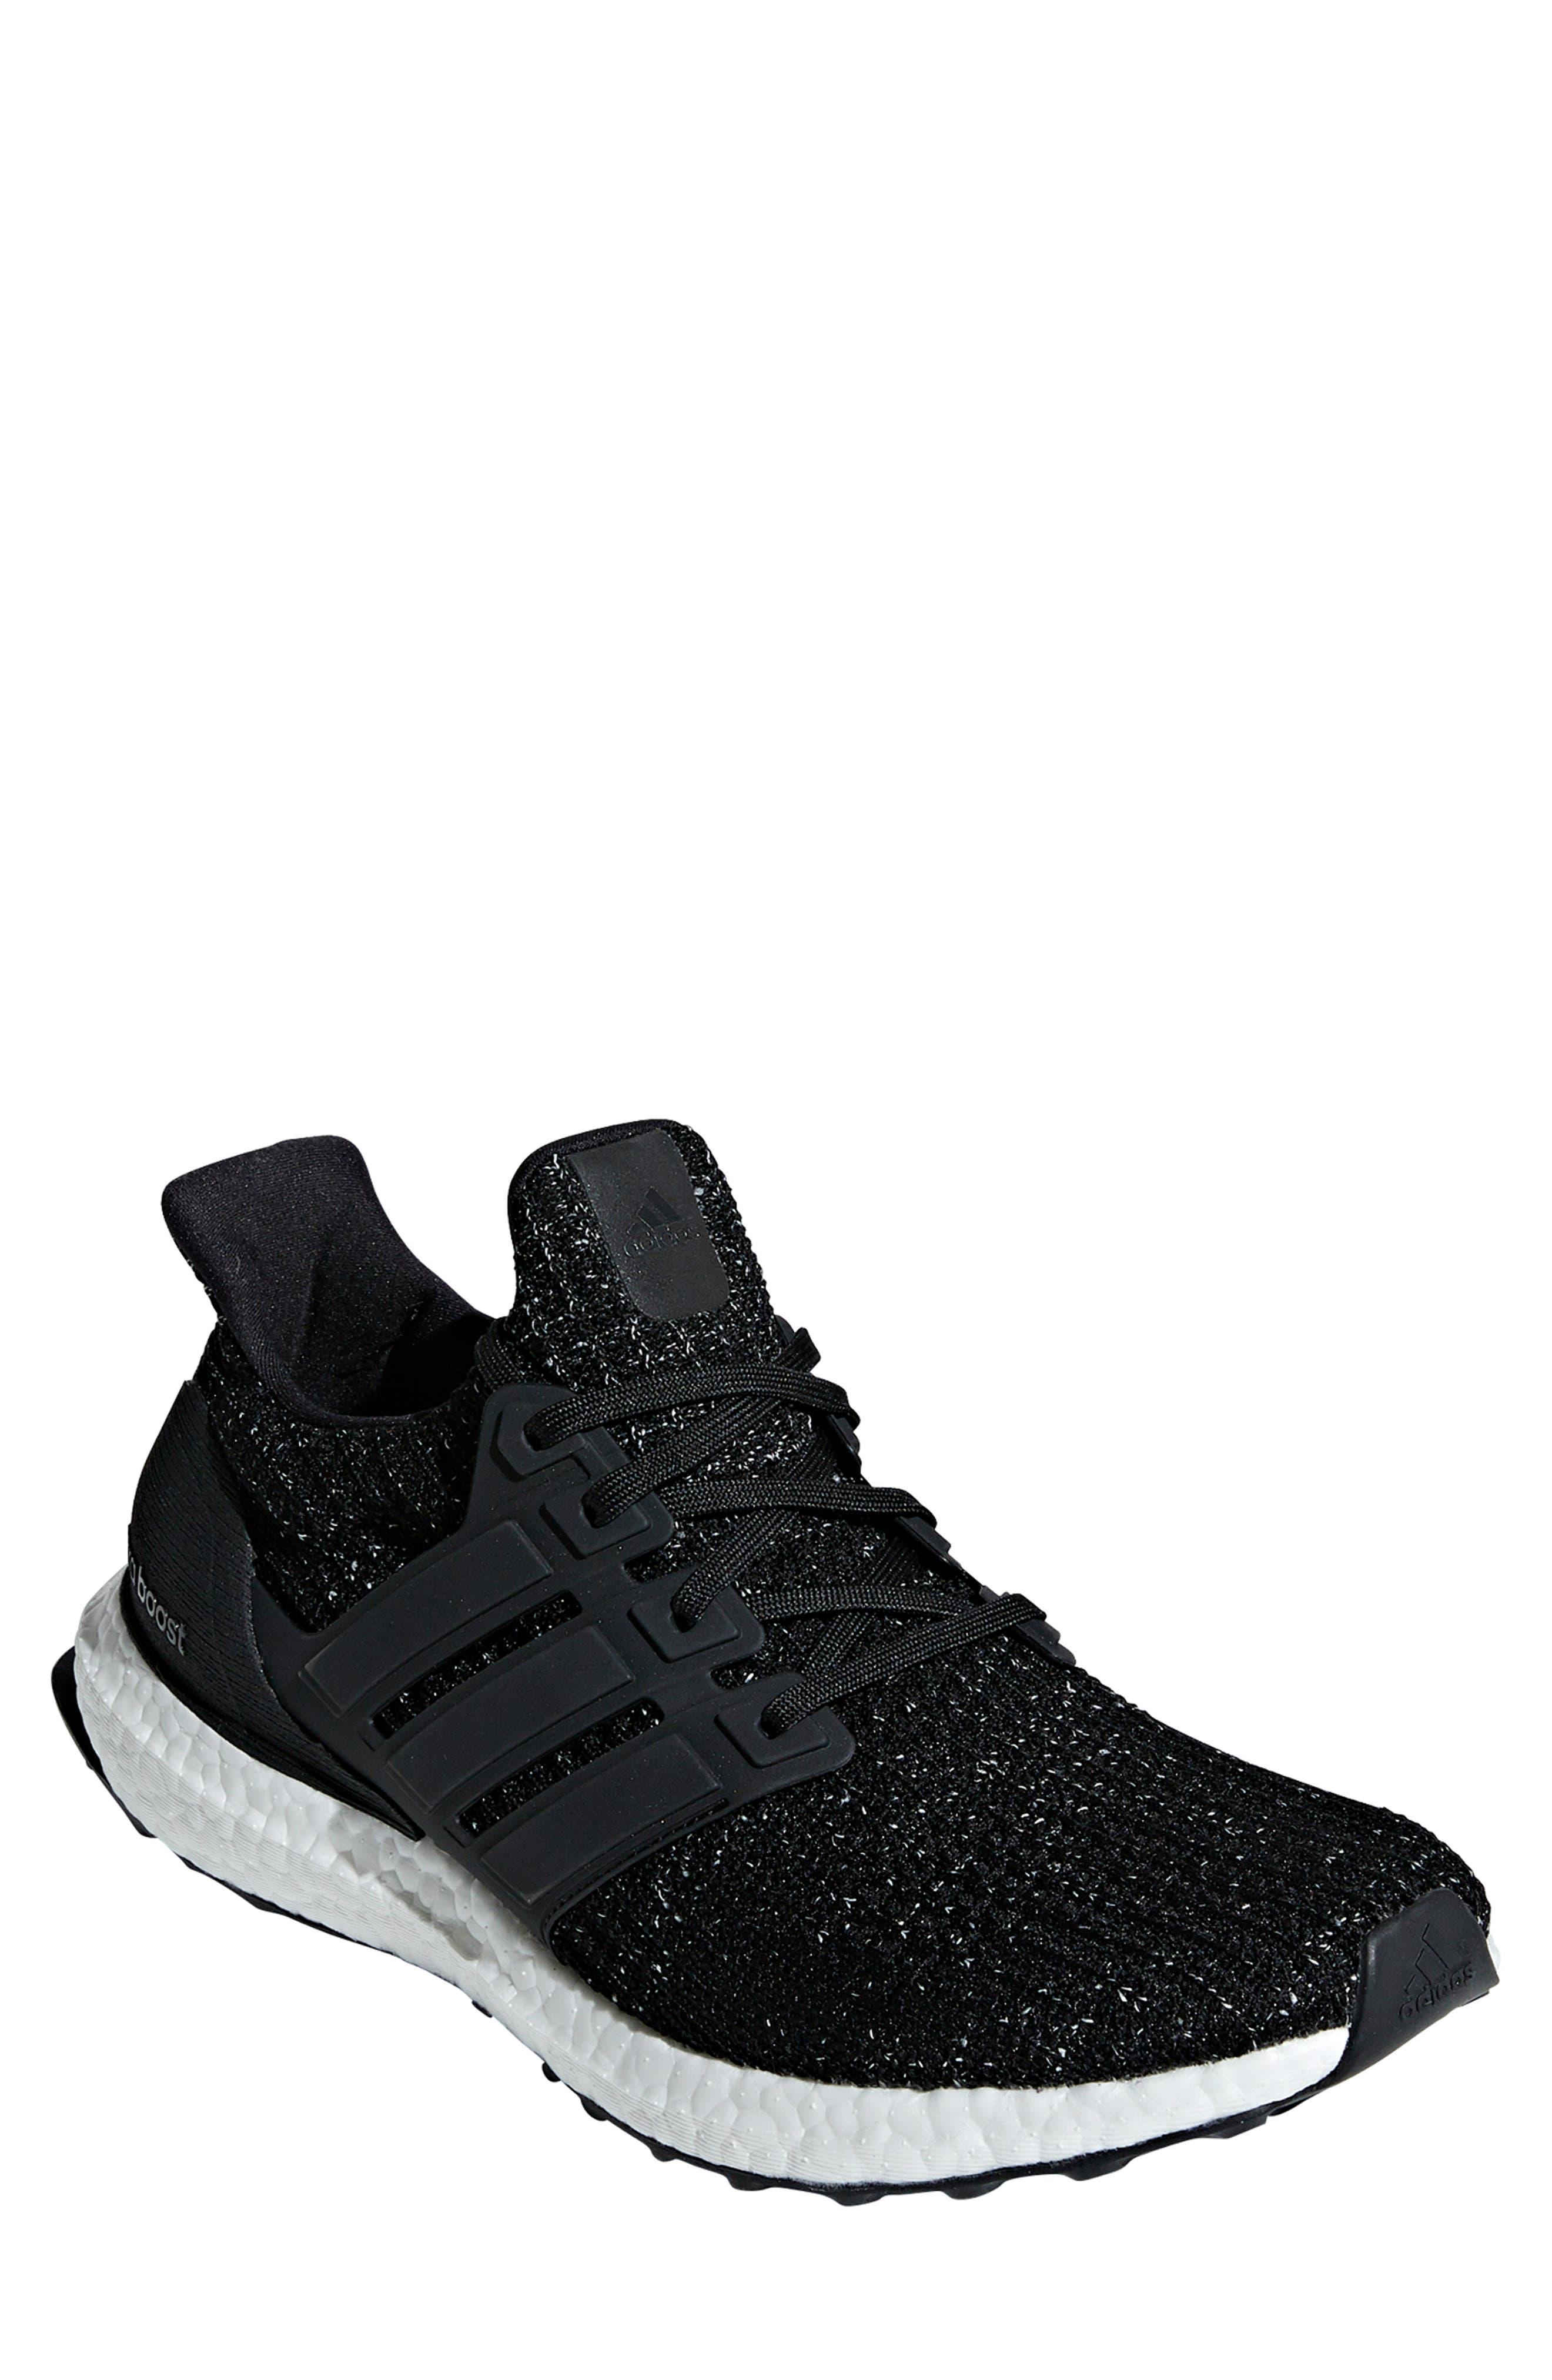 95263242b60 Men s Adidas  Ultraboost  Running Shoe